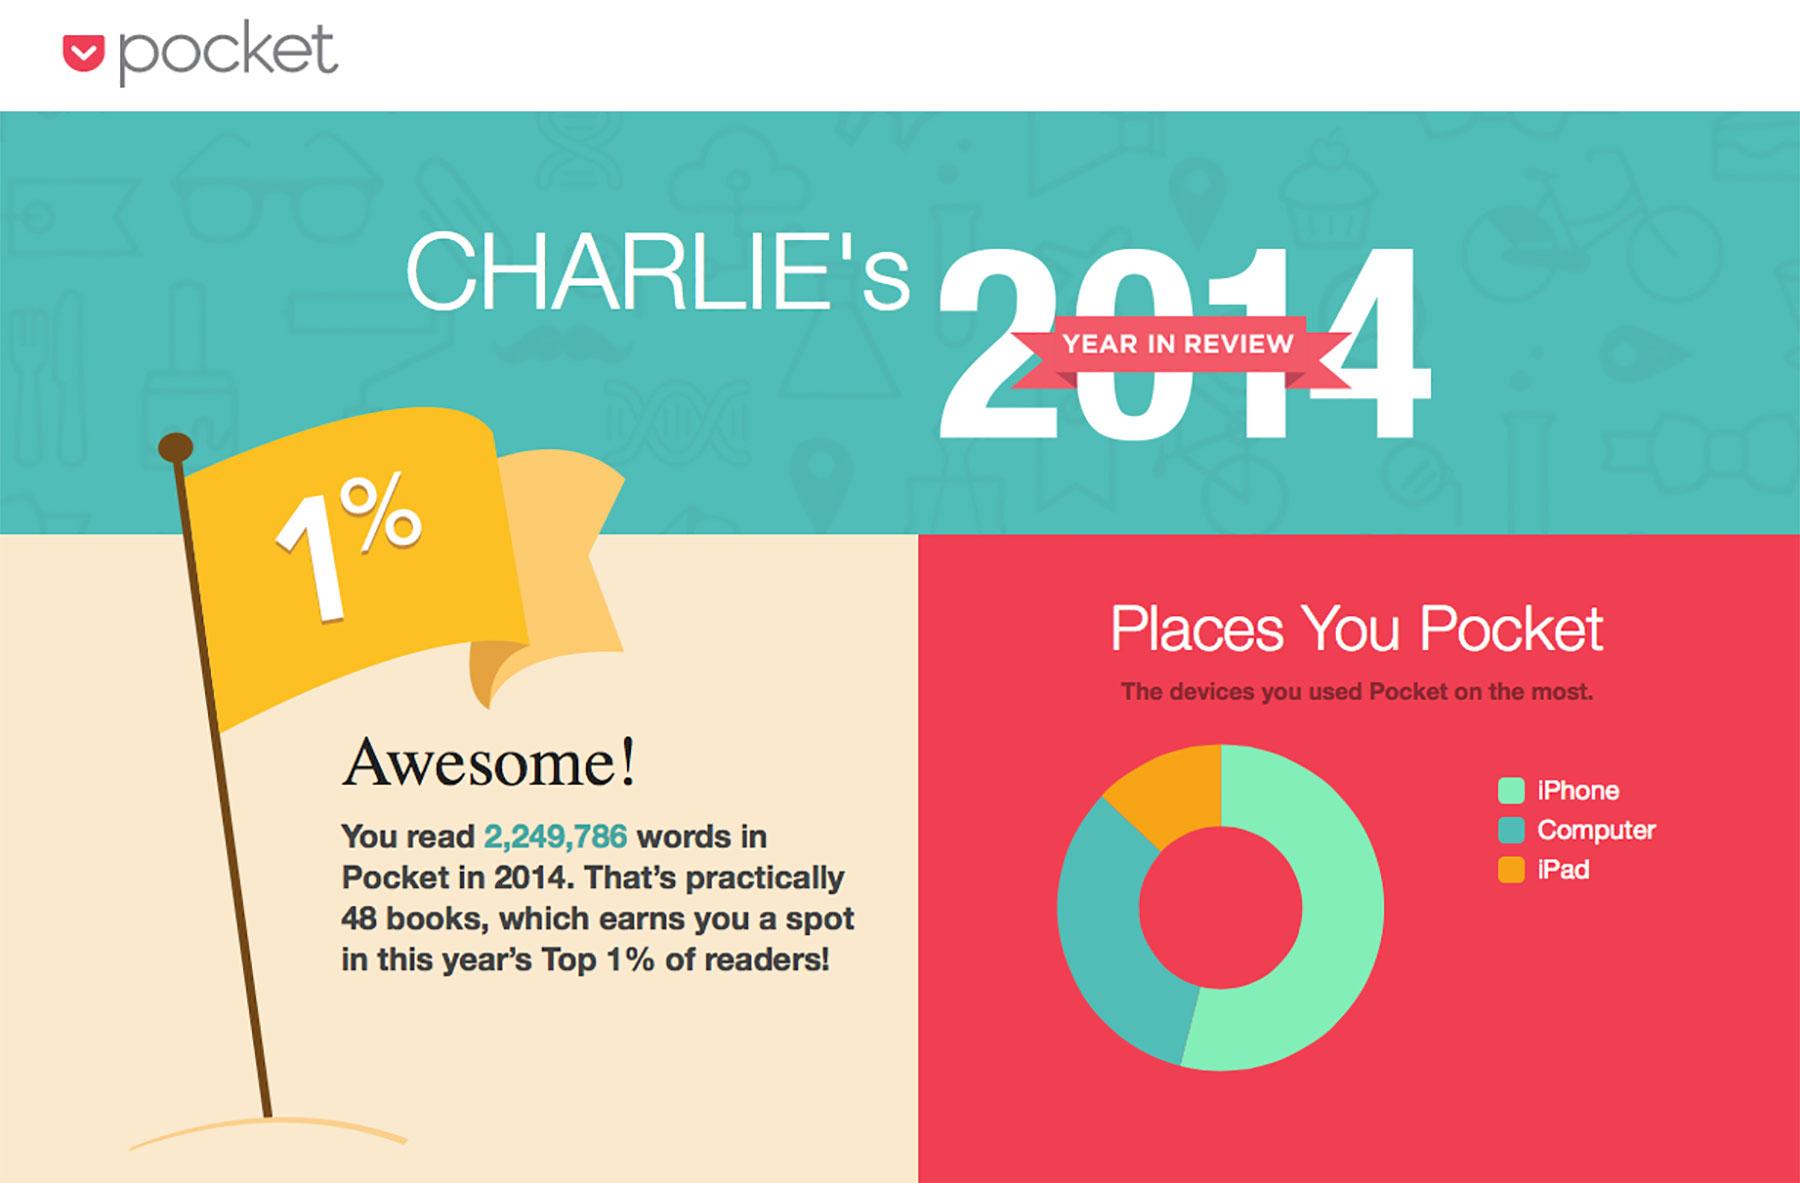 Pocket 2014 stats